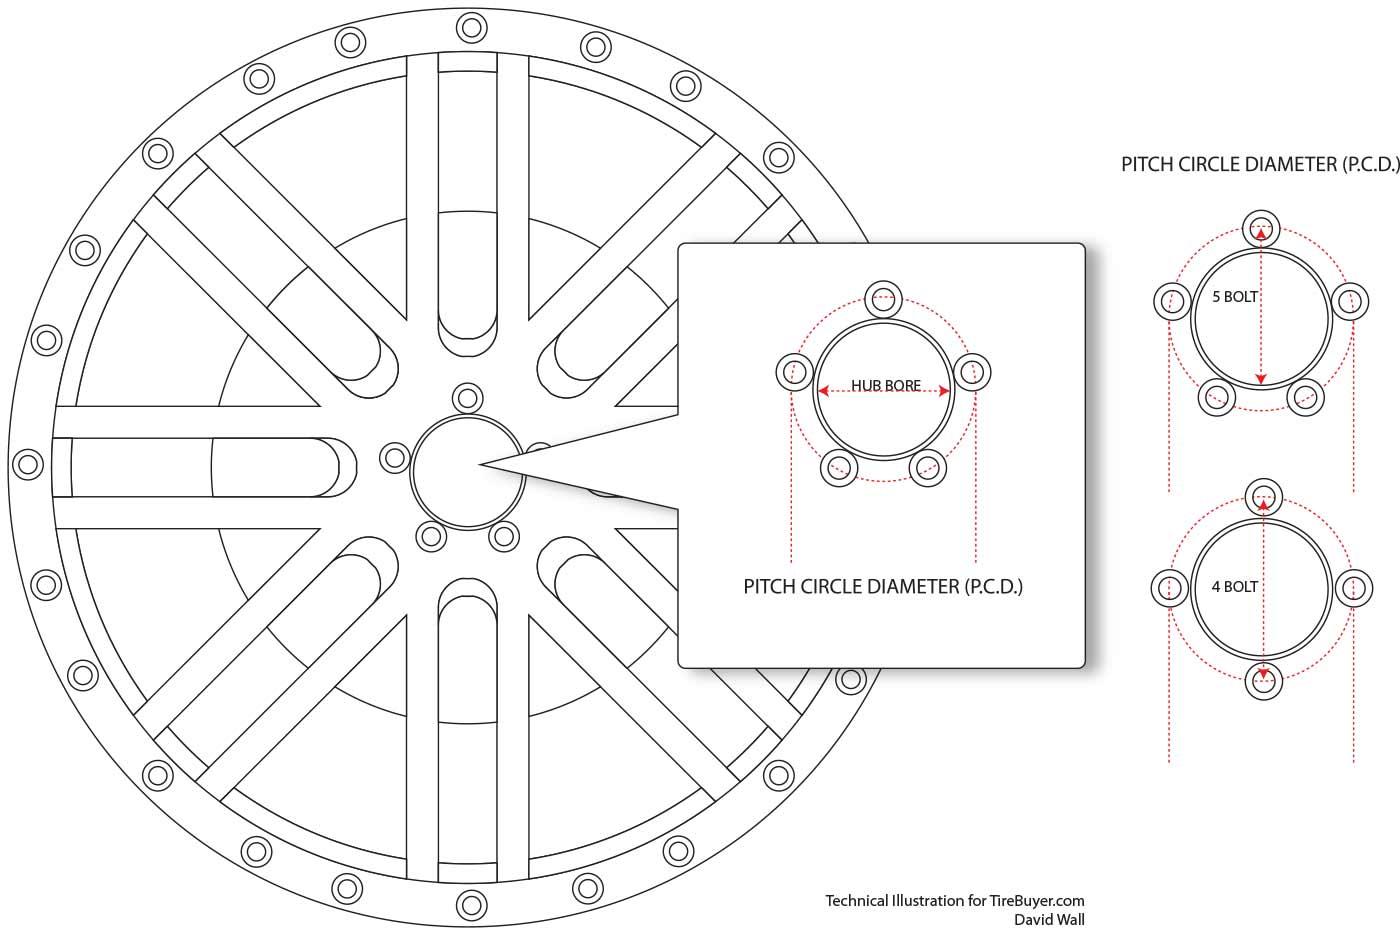 Technical Diagram for Tirebuyer.com